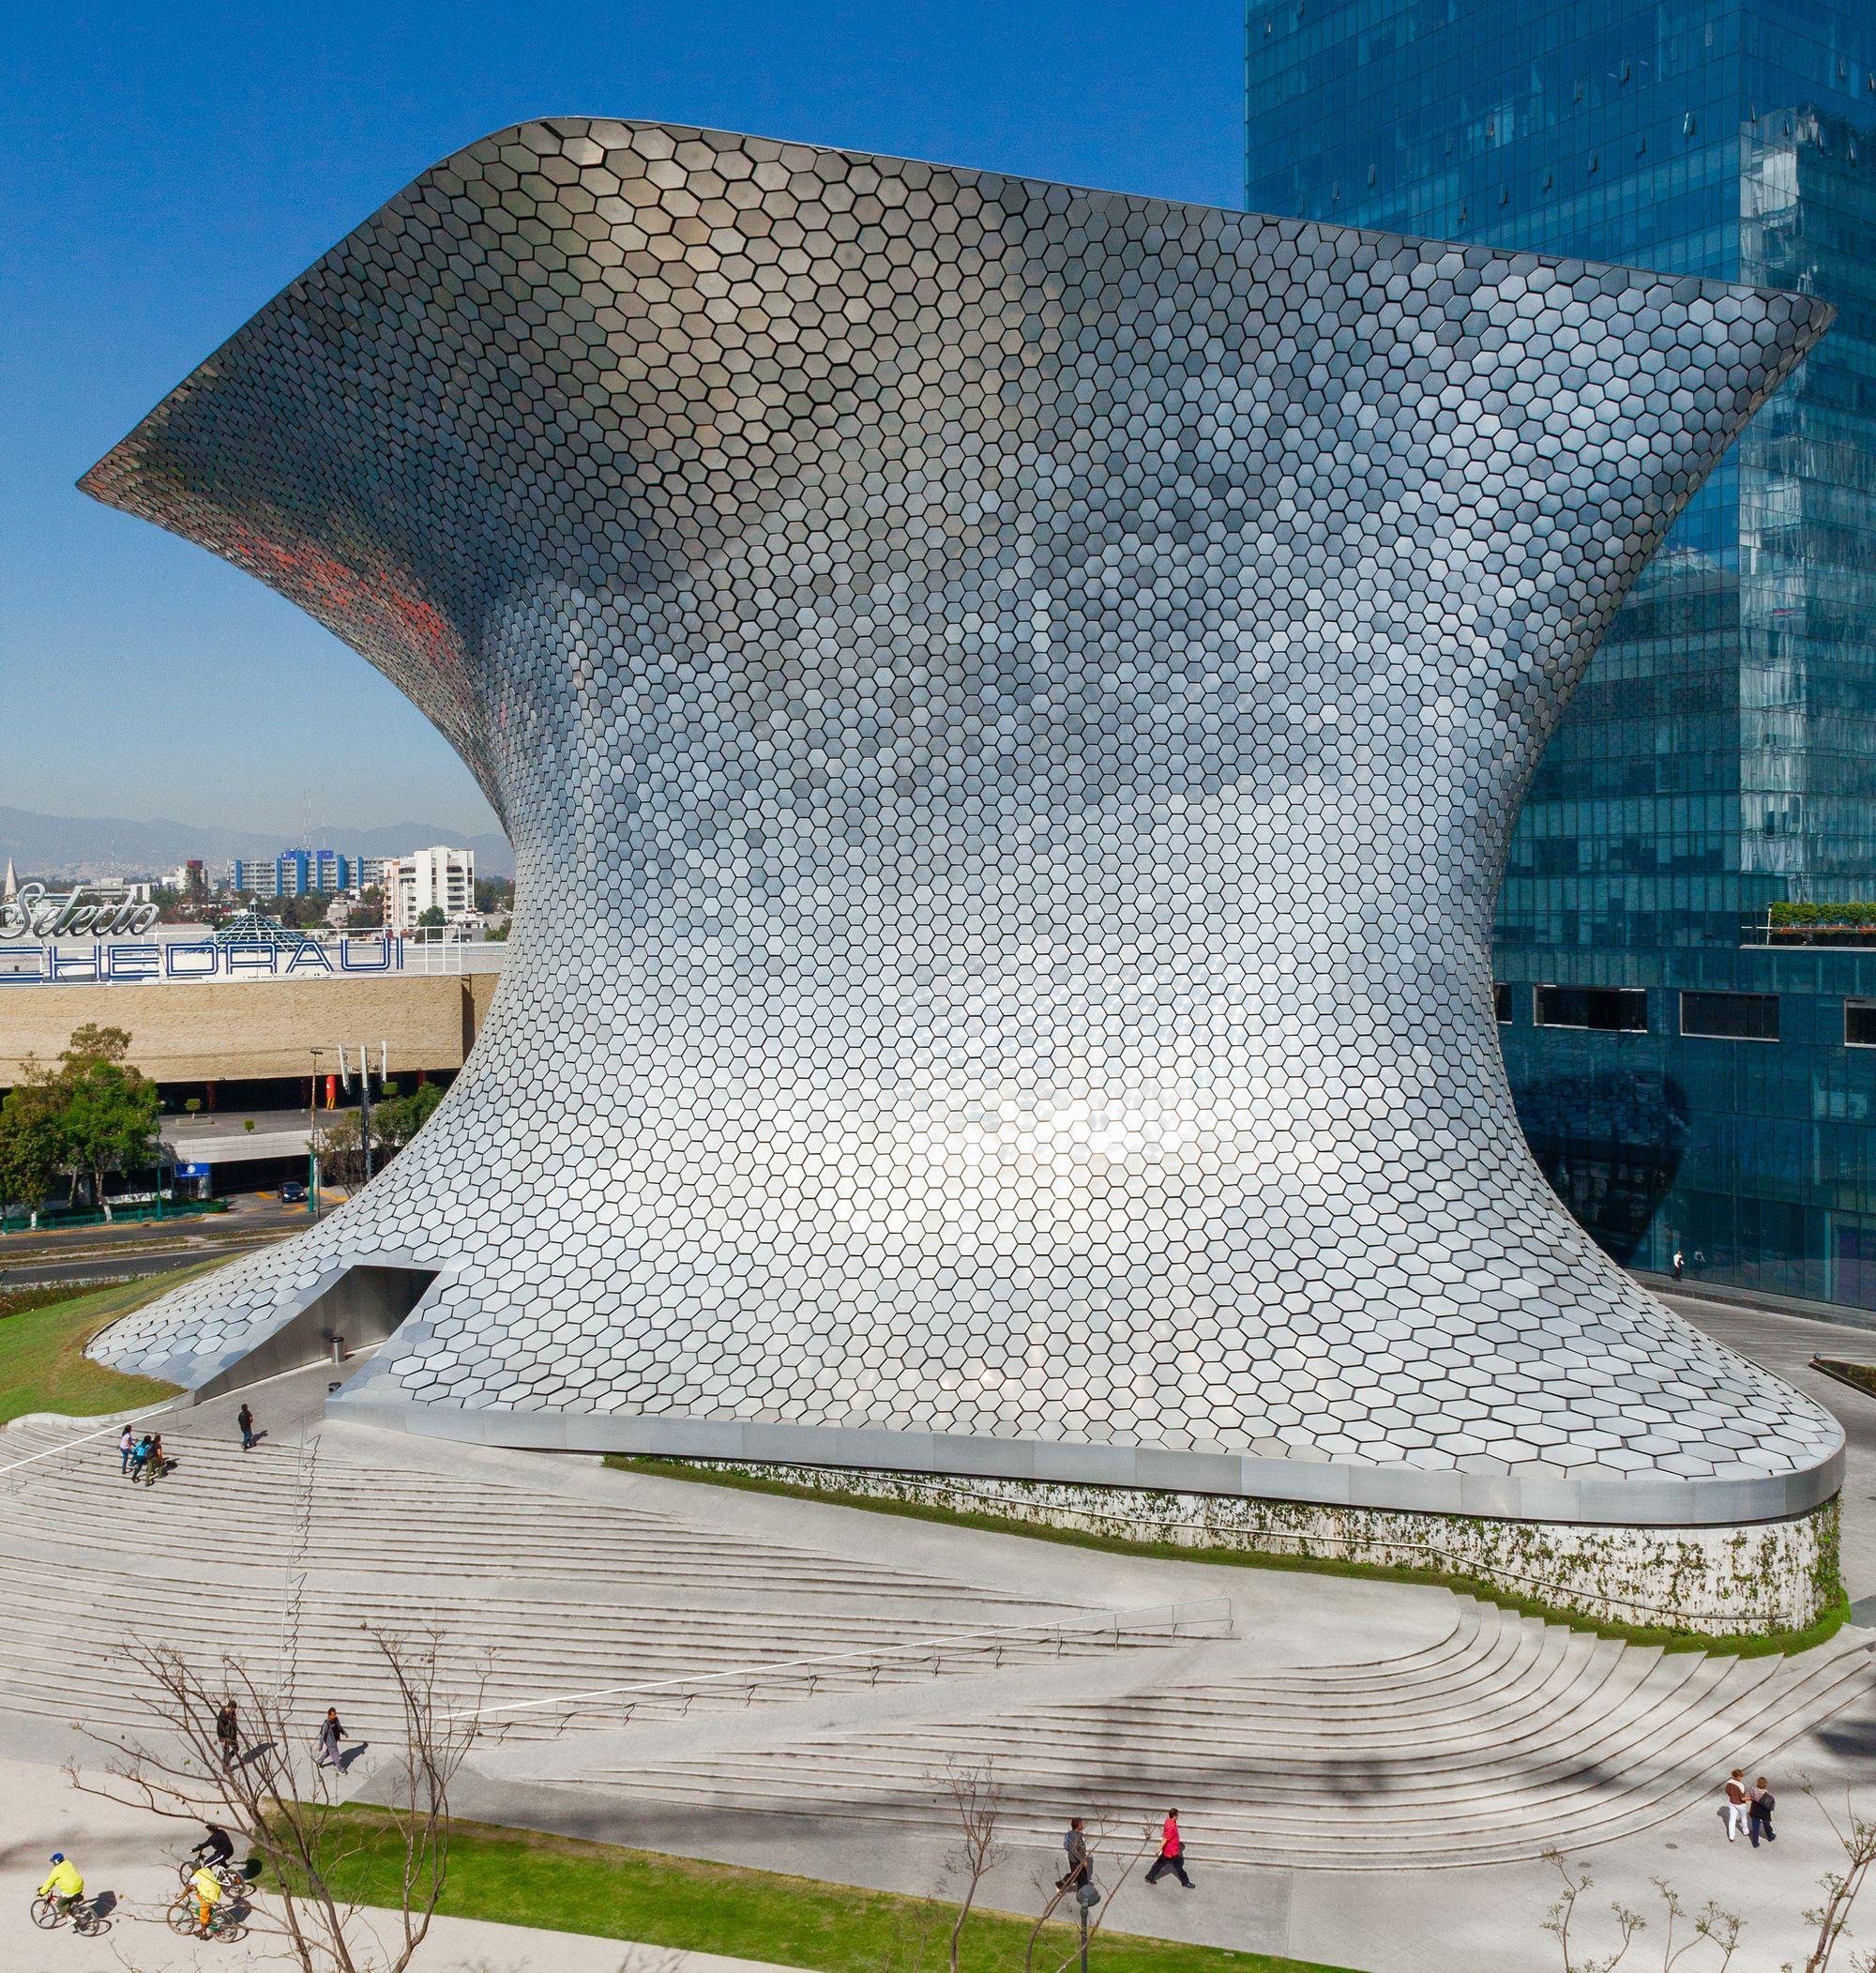 Phối cảnh bảo tàng Soumaya - Mexico